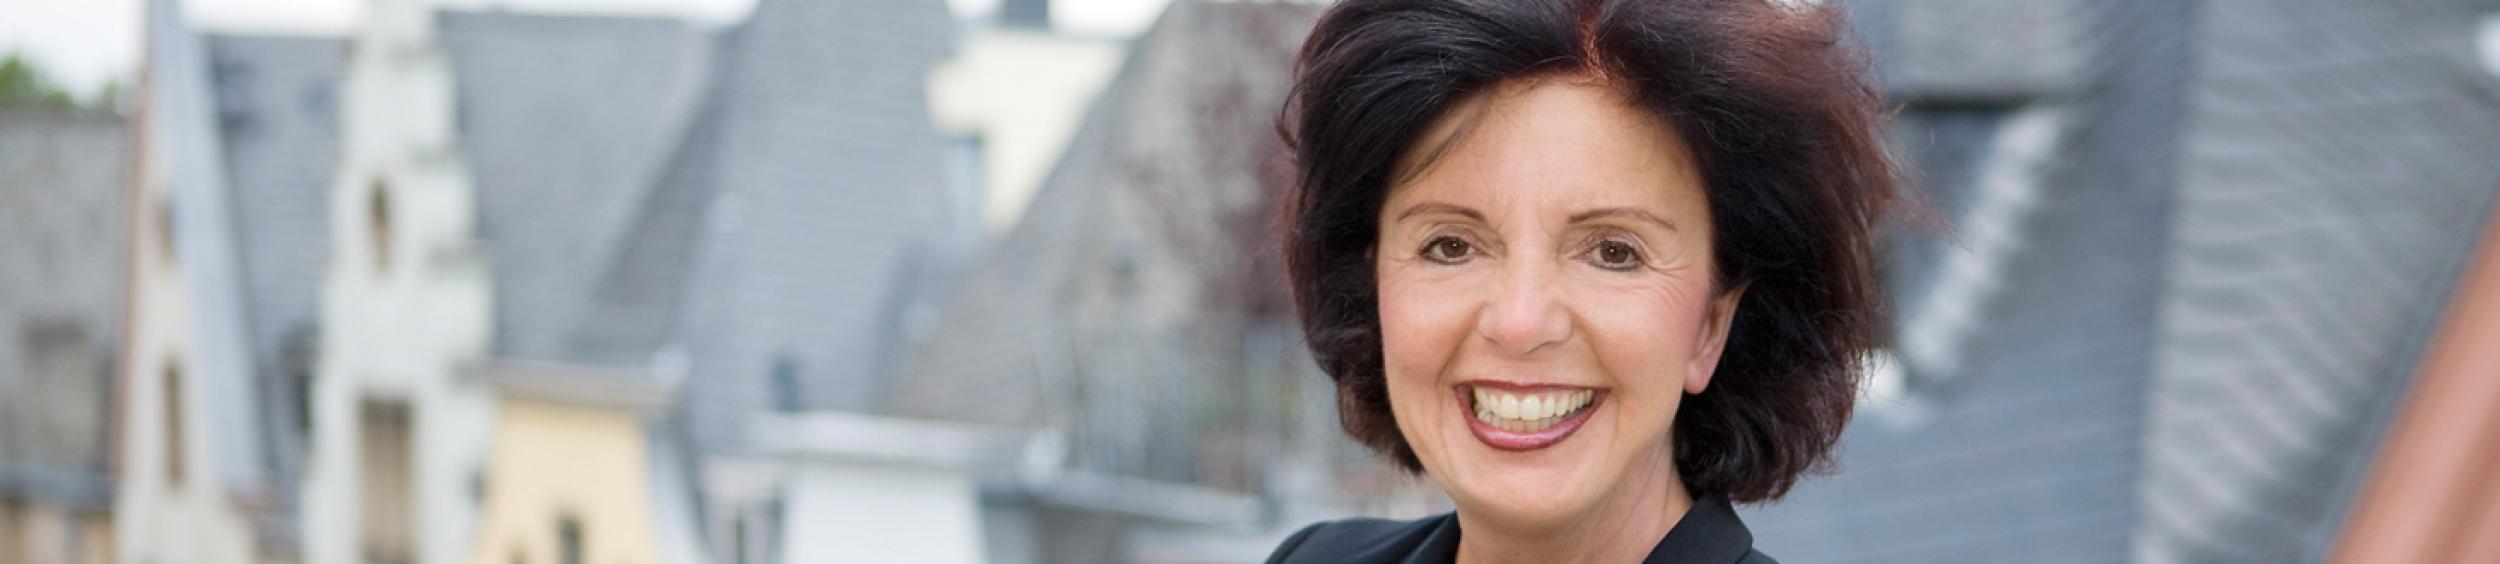 Christine Kronenberg, Gleichstellungsbeauftragte der Stadt Köln